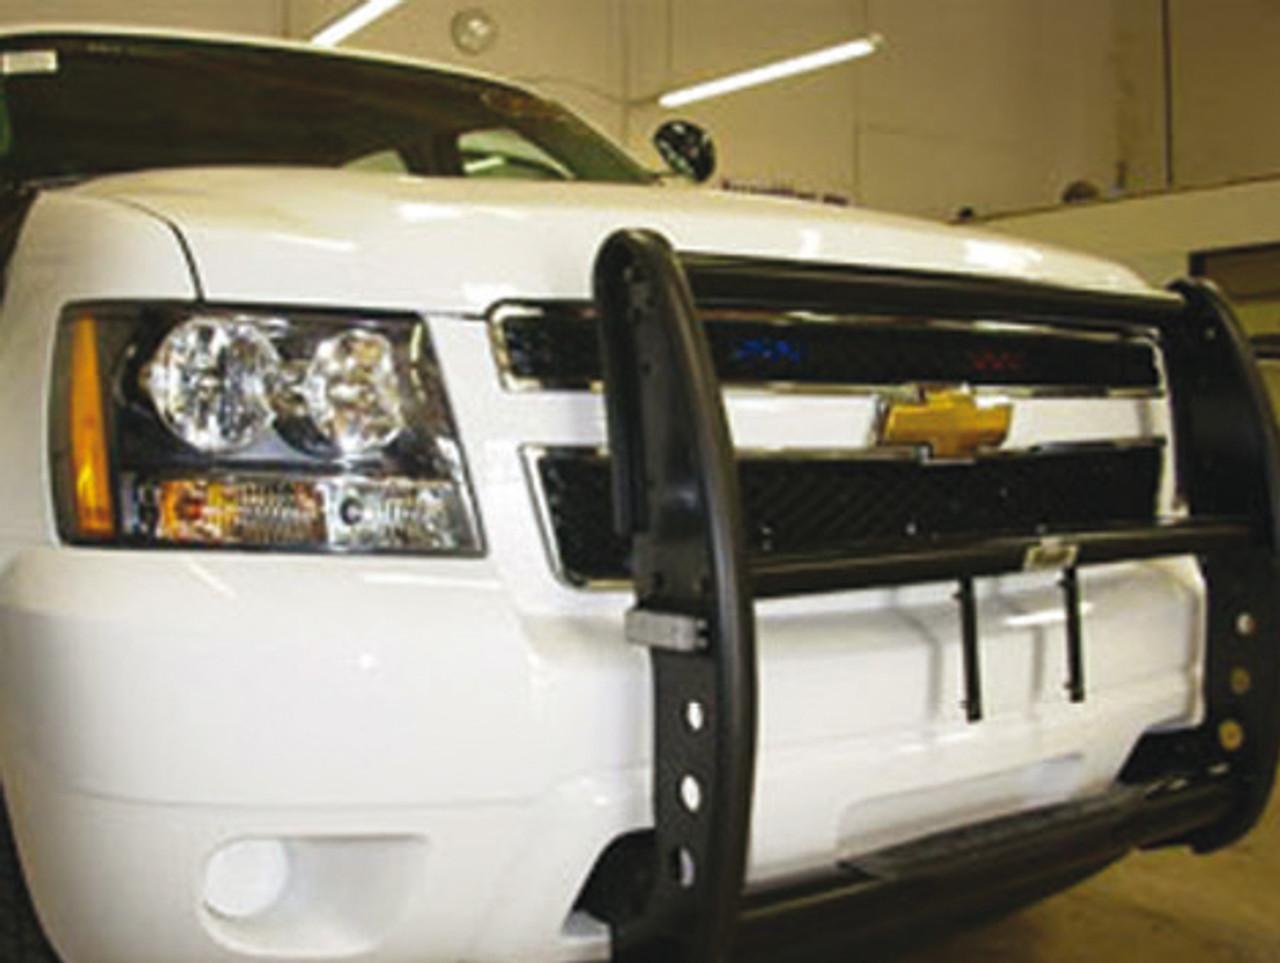 Go Rhino Tahoe 2007-2014 SUV Push Bumper Grill Guard